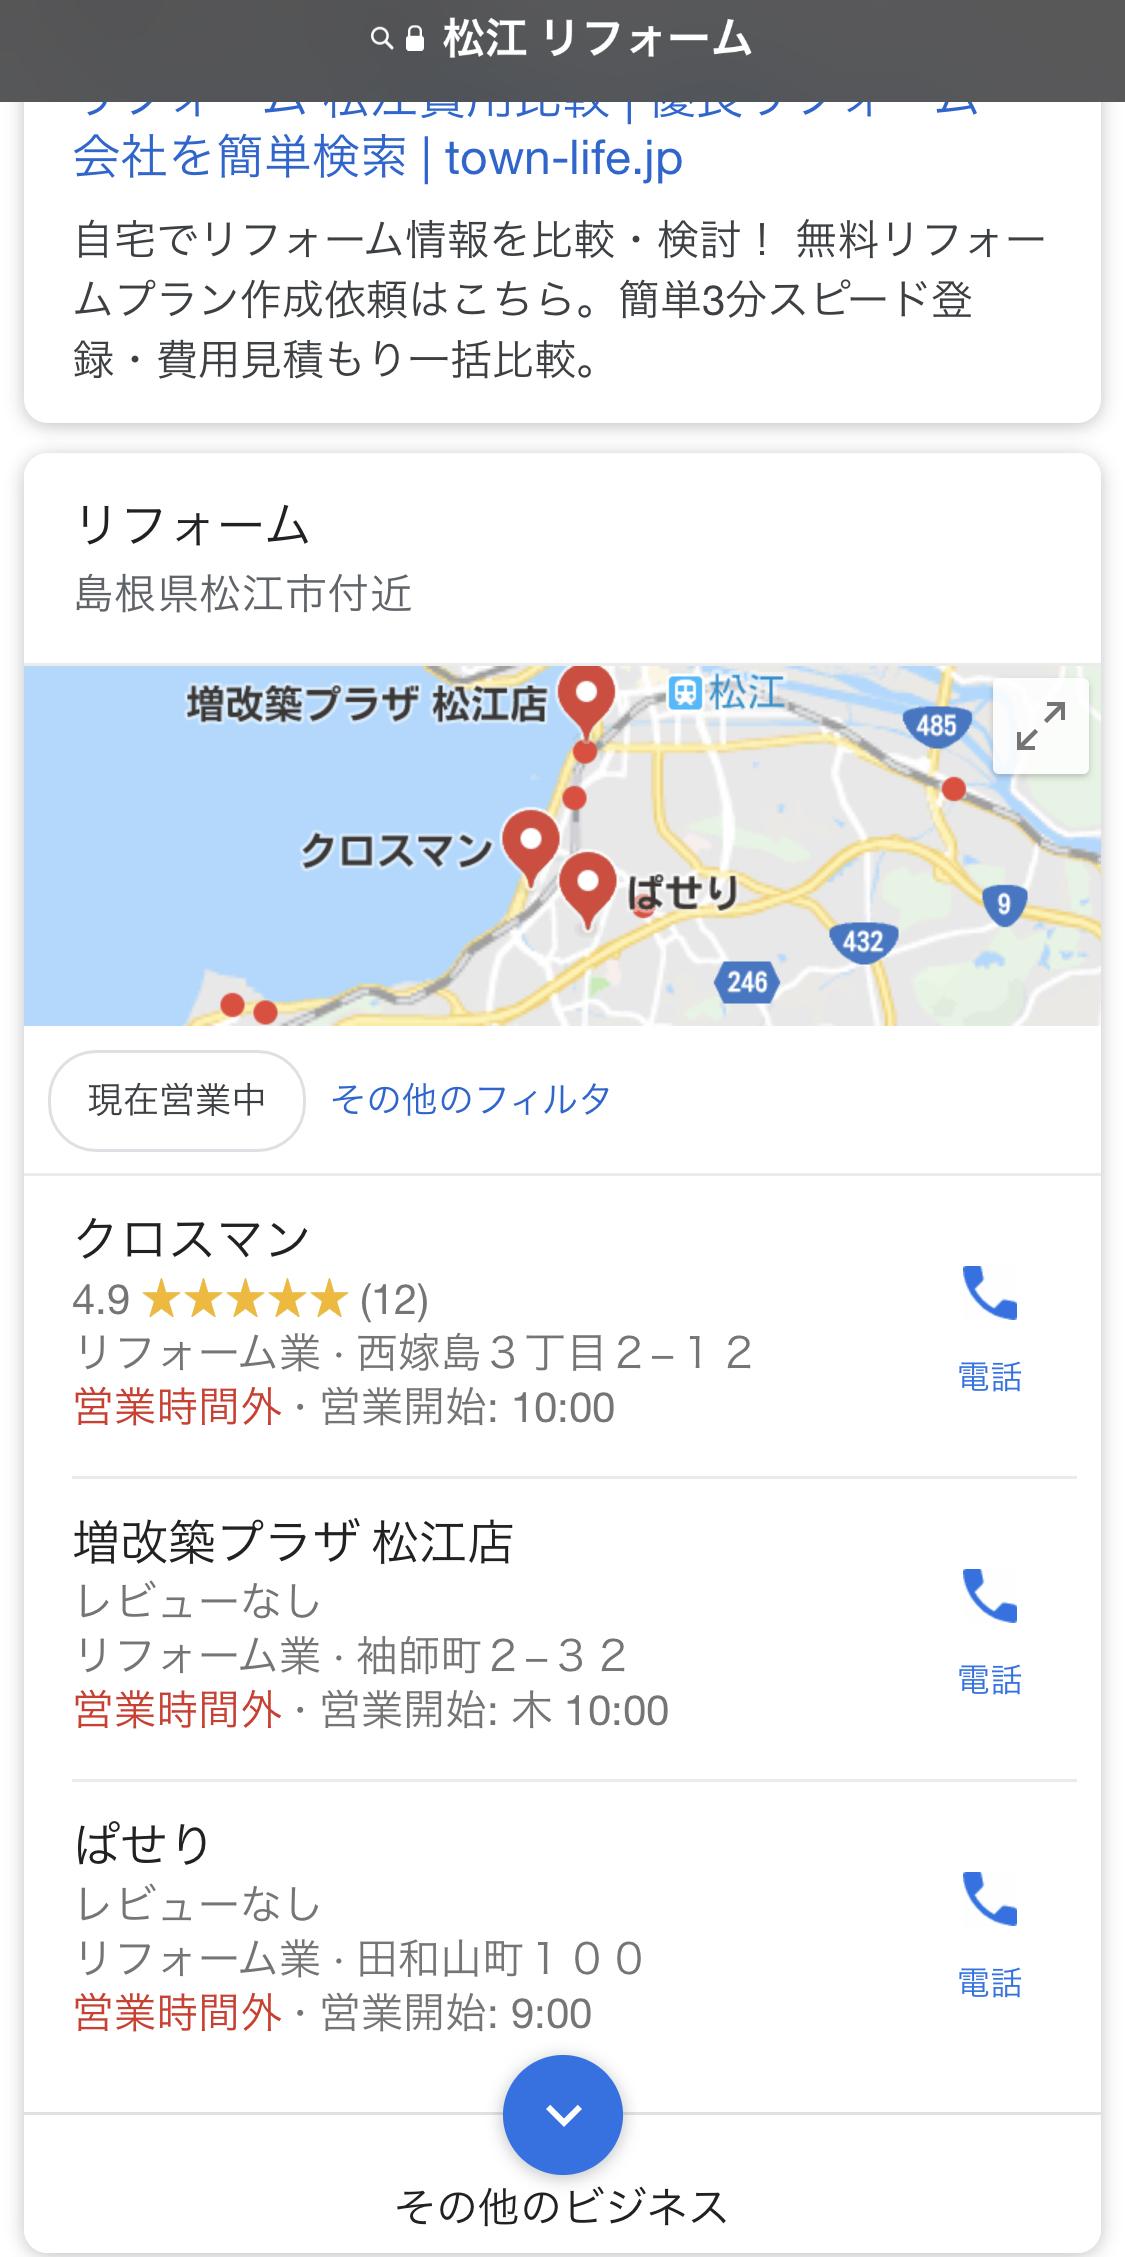 松江 リフォーム クロスマン